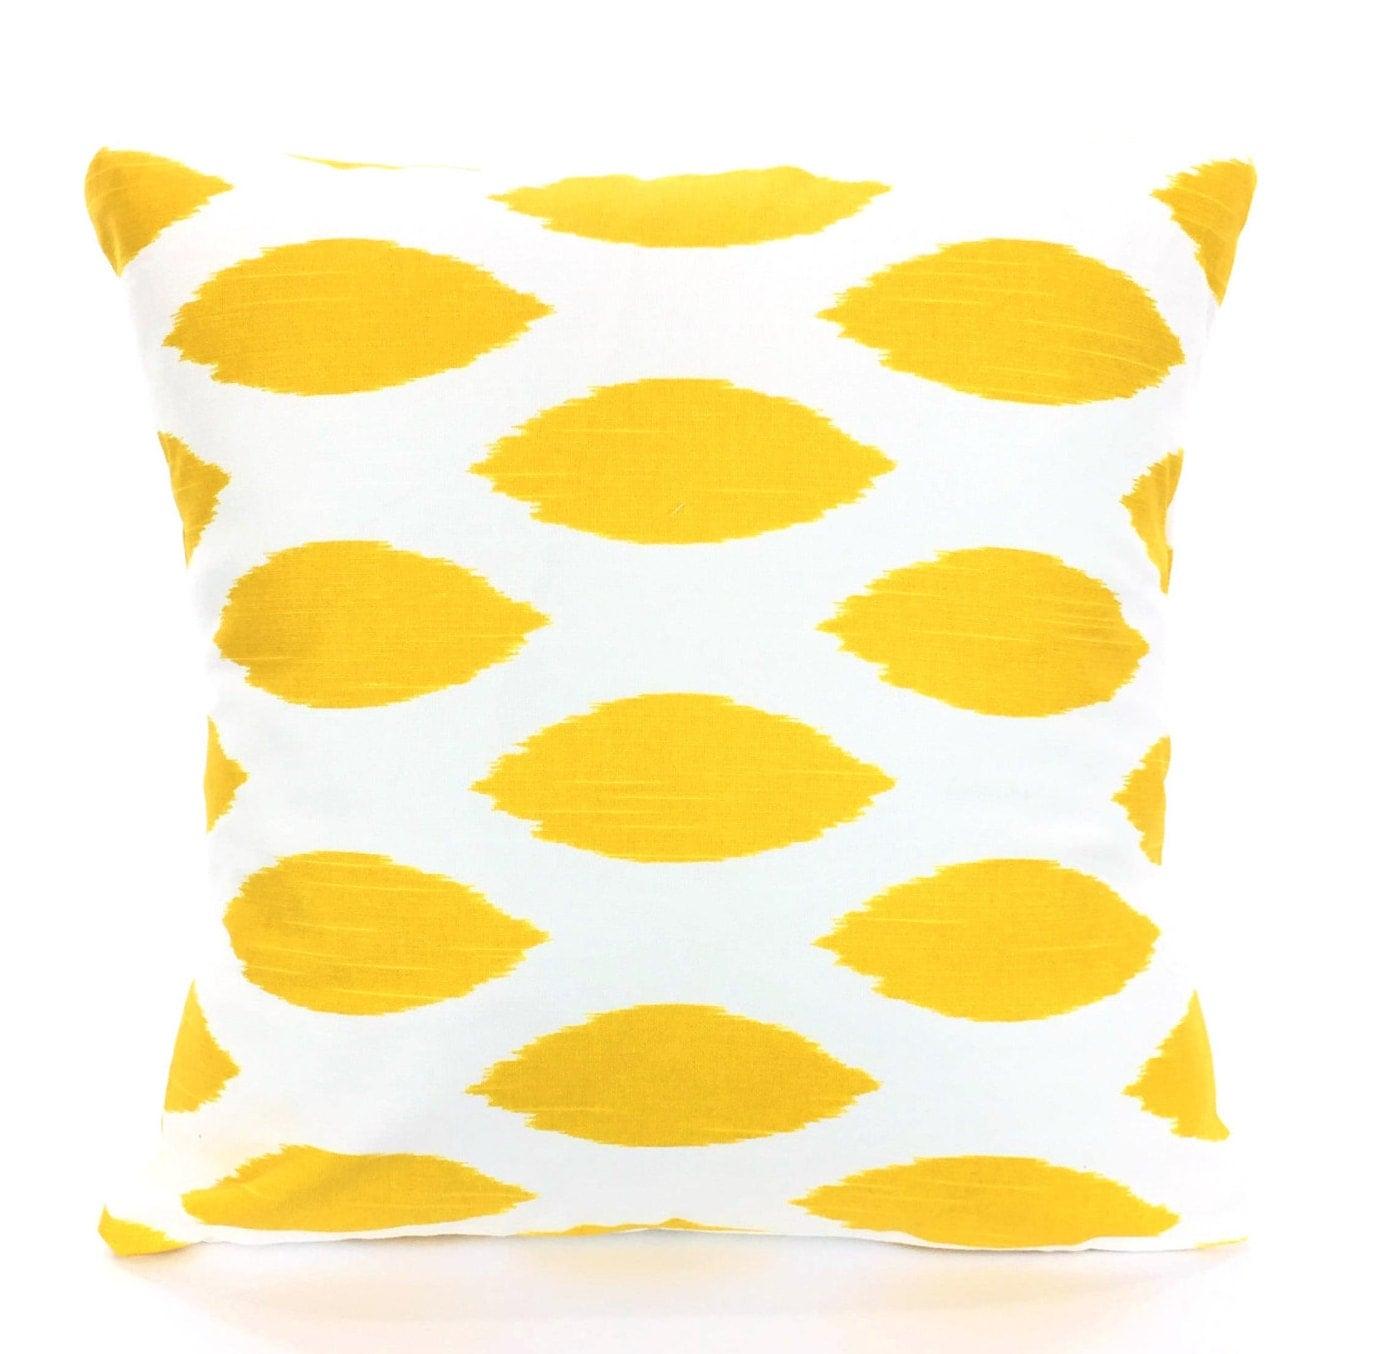 Yellow Decorative Throw Pillows : Yellow Decorative Throw Pillow Covers Cushions Corn Yellow